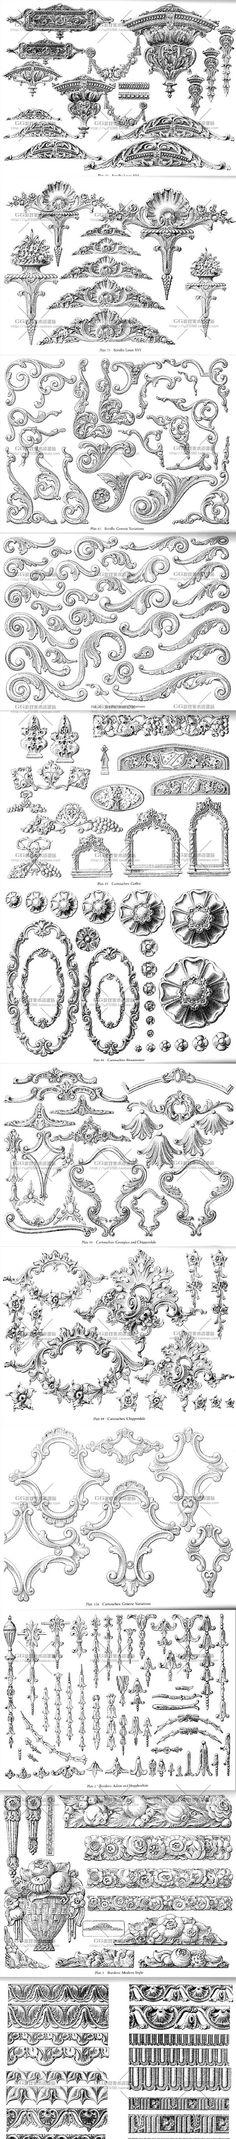 【古典风格西方边框纹饰图集】欧洲建筑花纹...